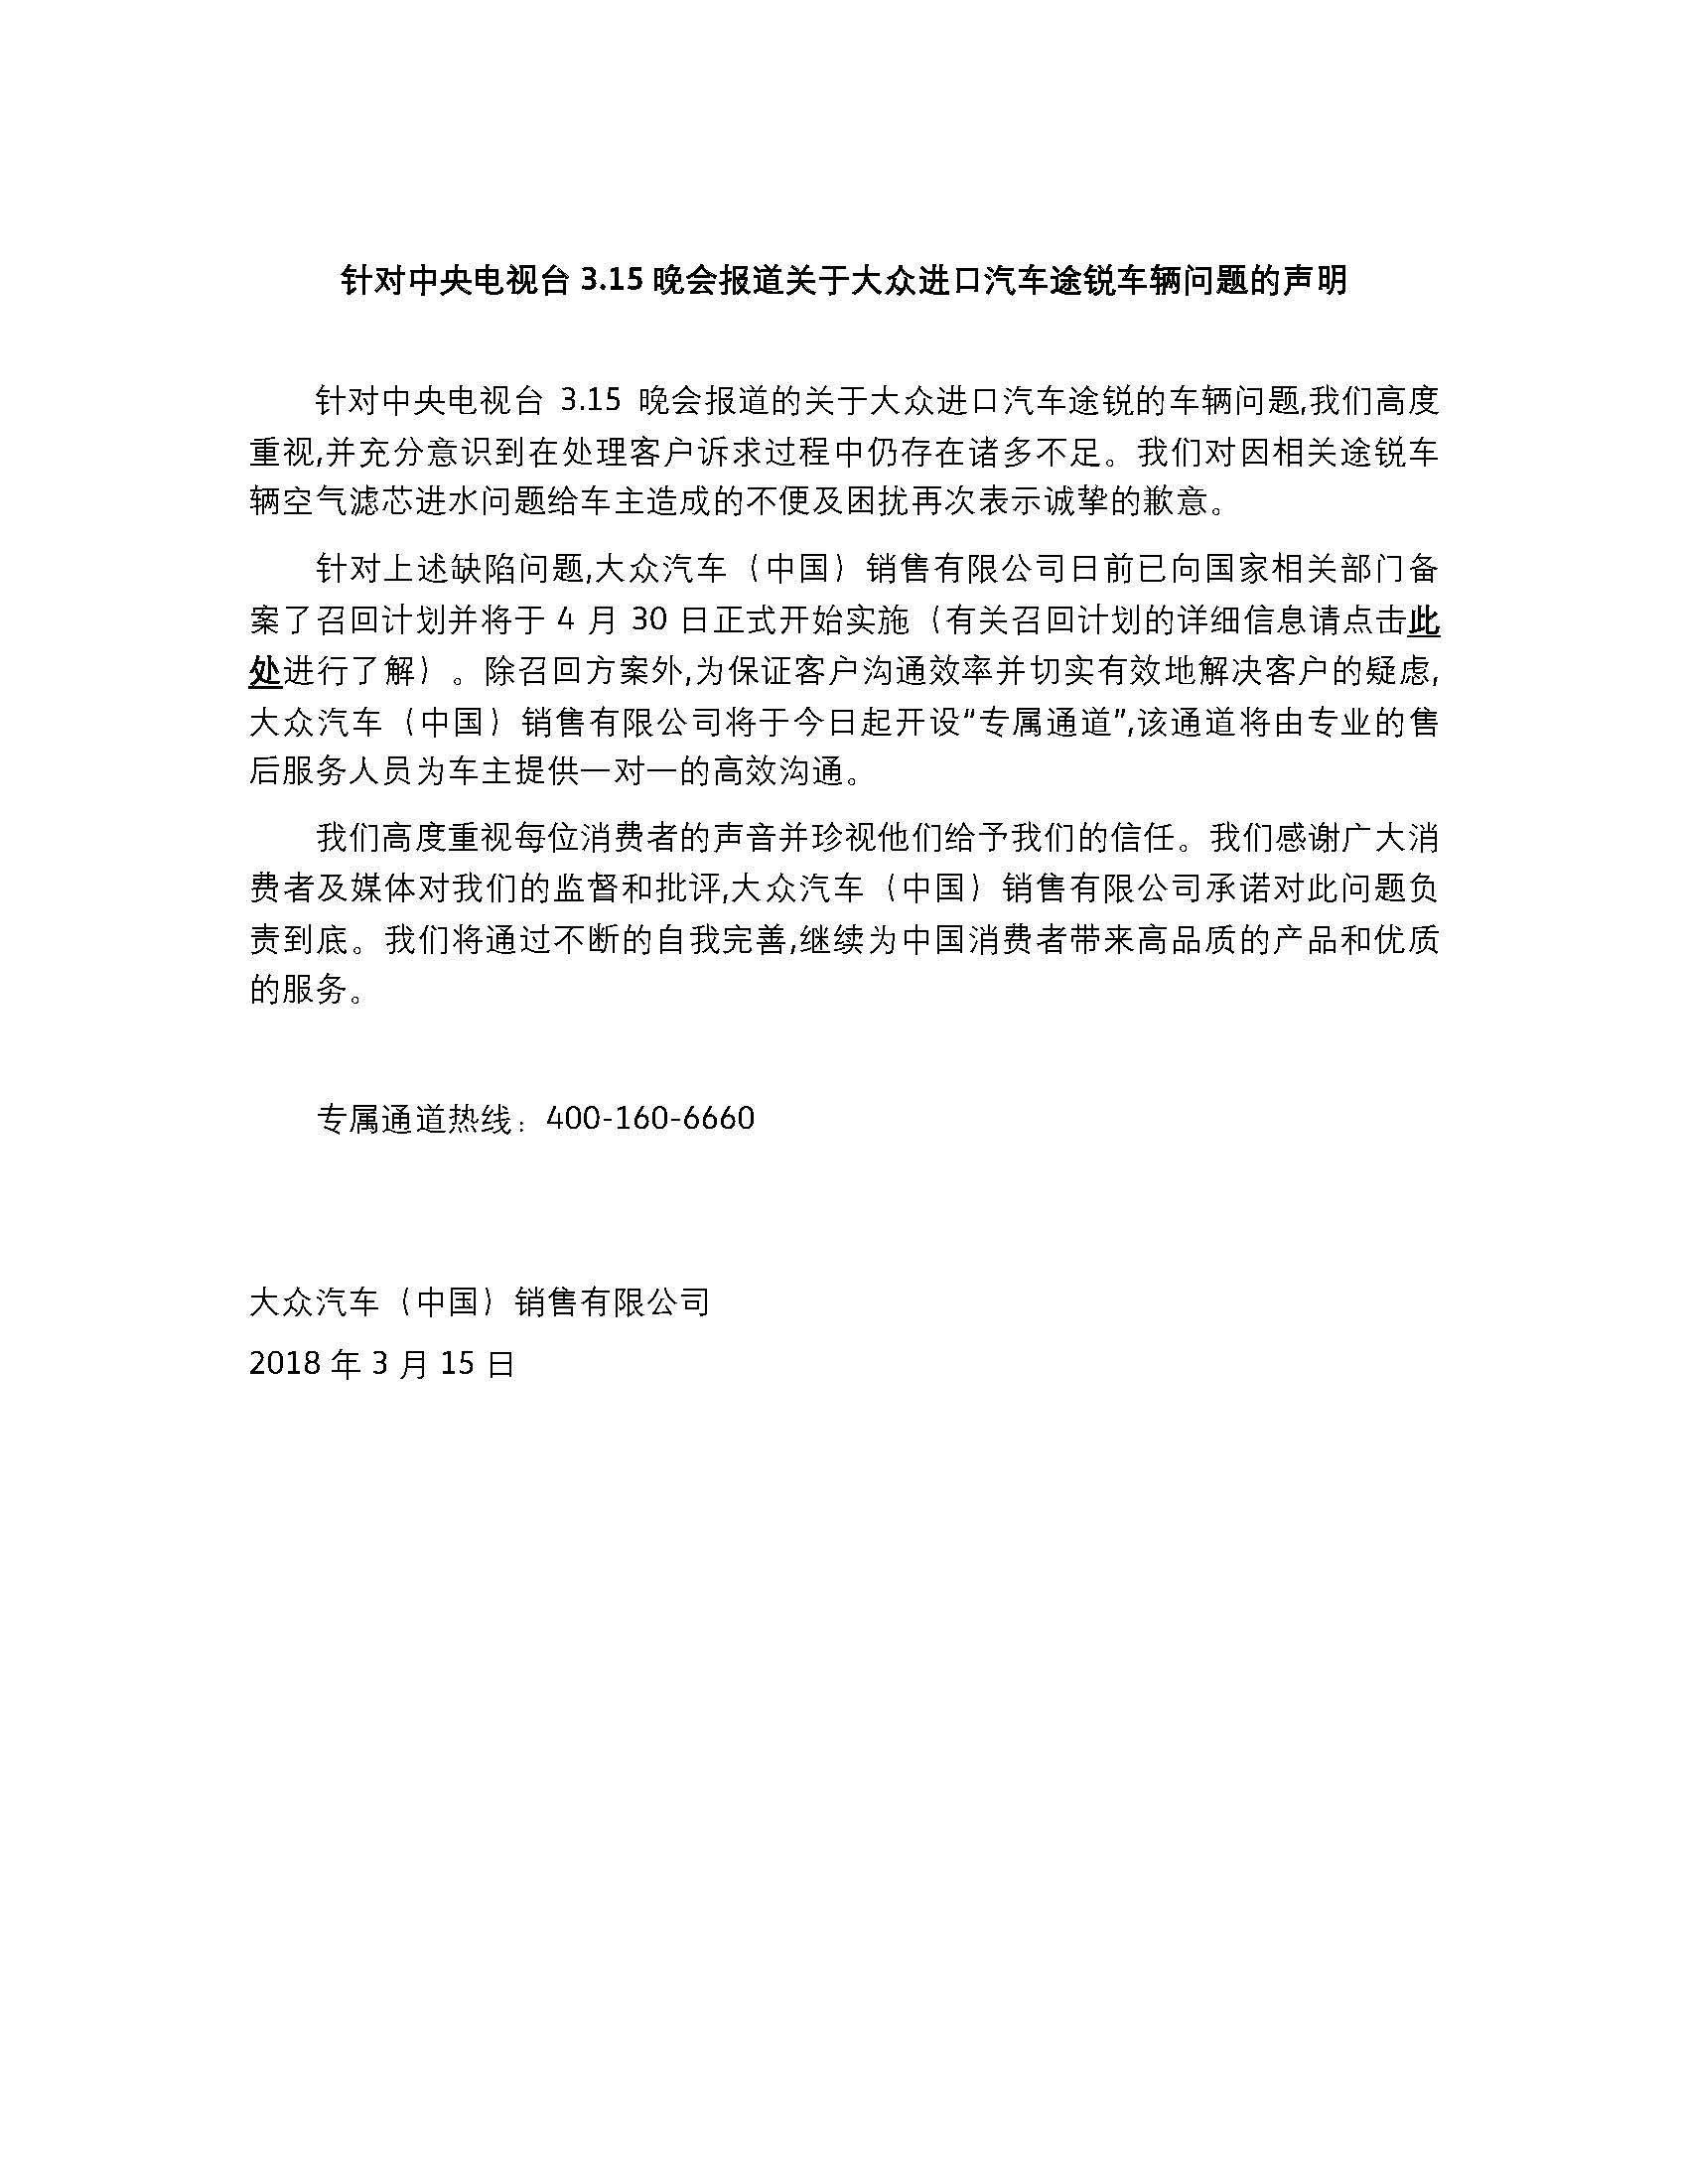 针对央视3·15晚会曝途锐问题 大众中国发声明致歉